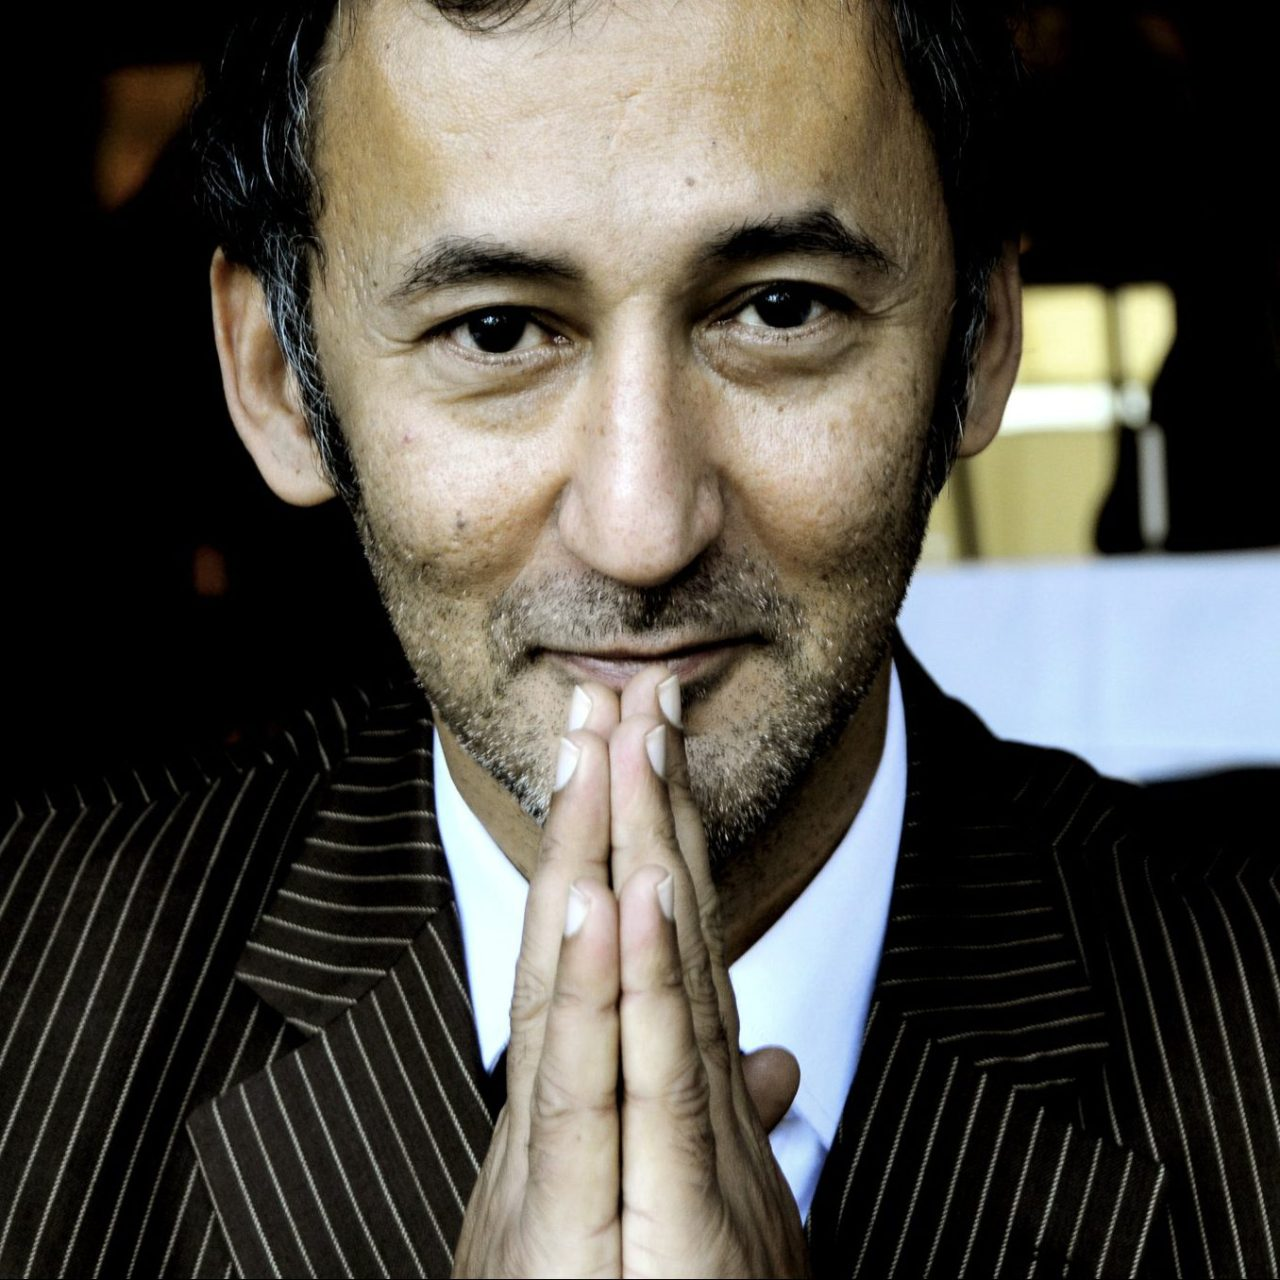 Ercan Durmaz. Actor.